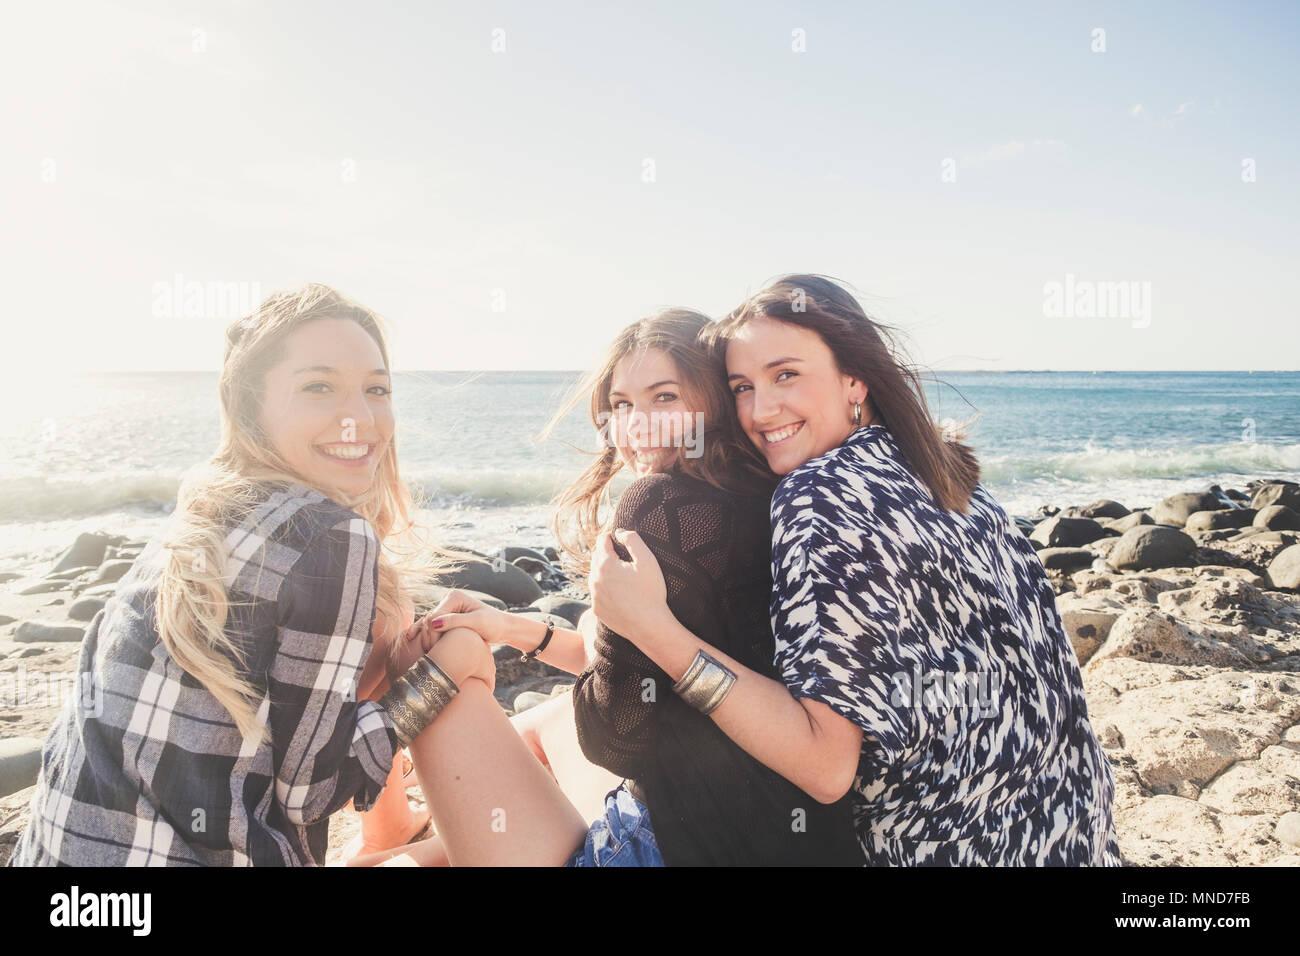 Groupe de belle femme jeune et souriant parlant autour d'une plage de galets de Tenerife. équipe filles de s'amuser ensemble Photo Stock